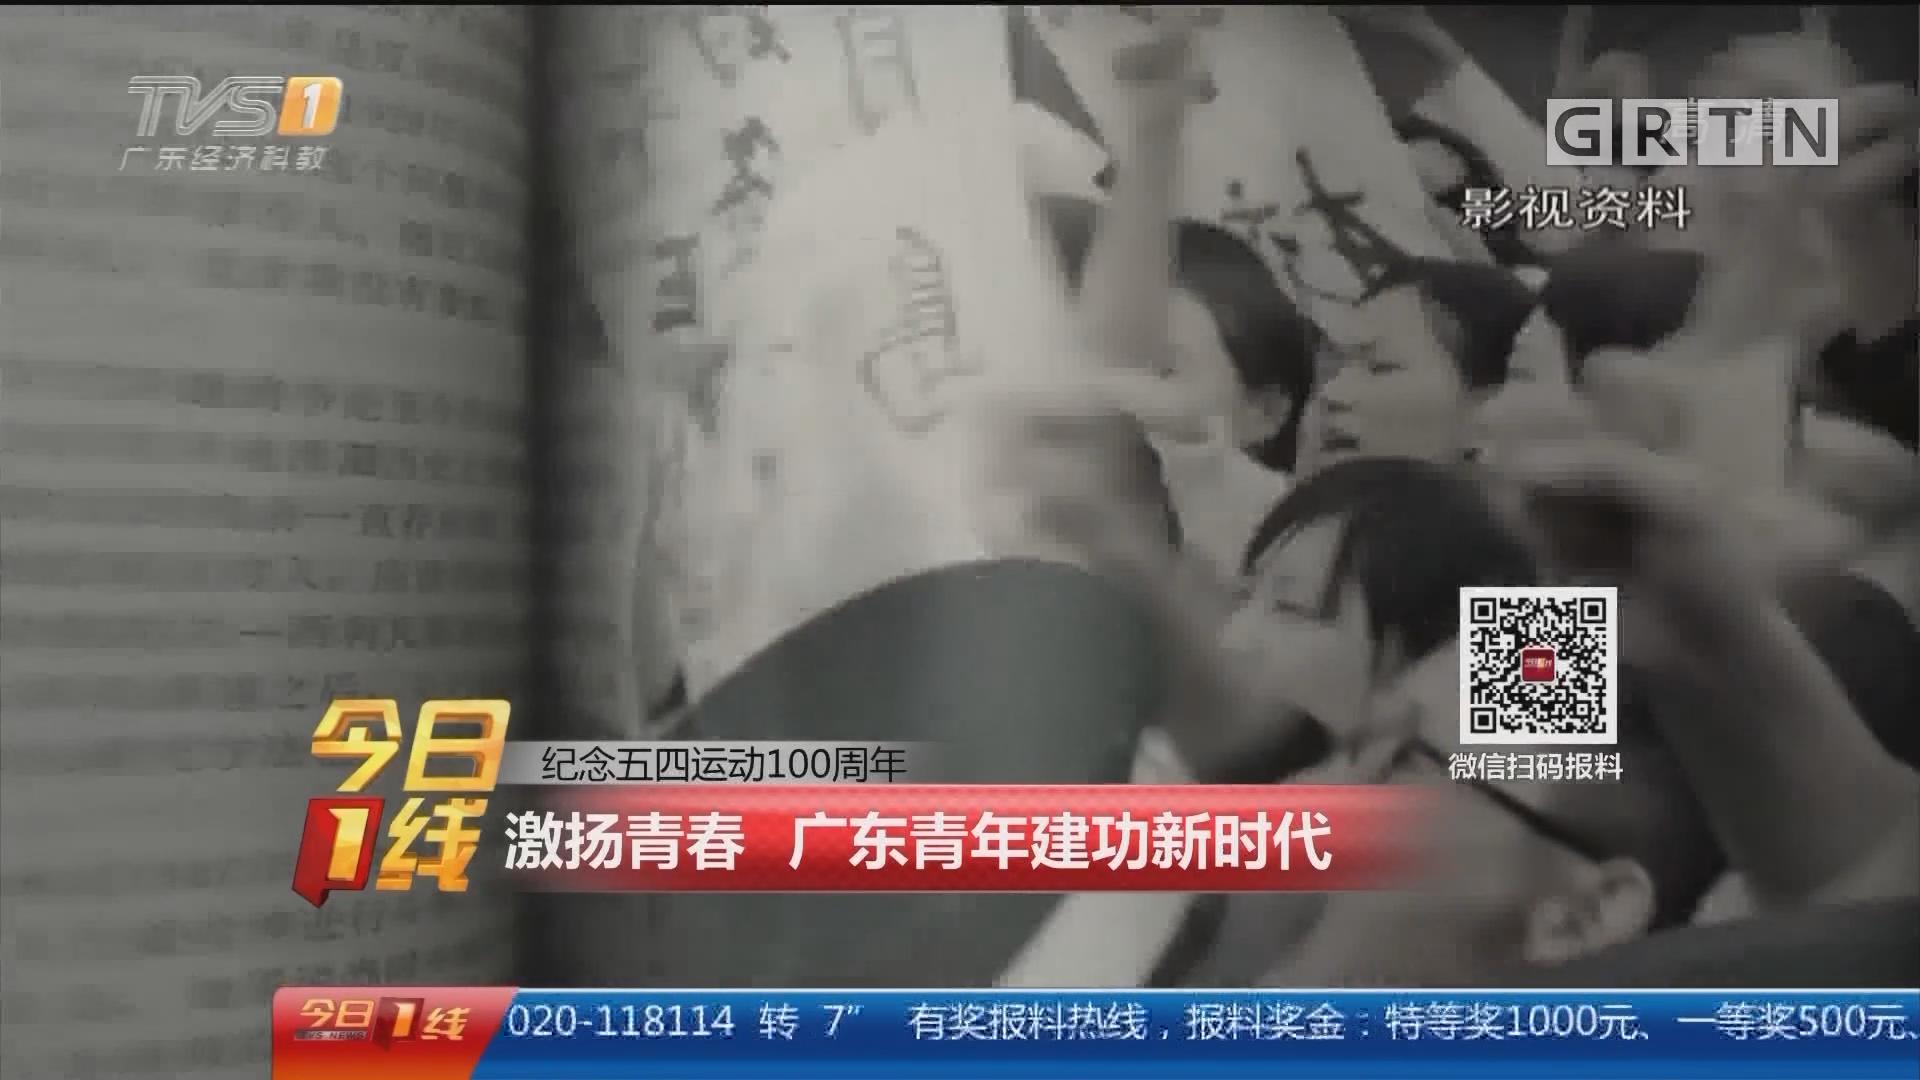 纪念五四运动100周年:激扬青春 广东青年建功新时代